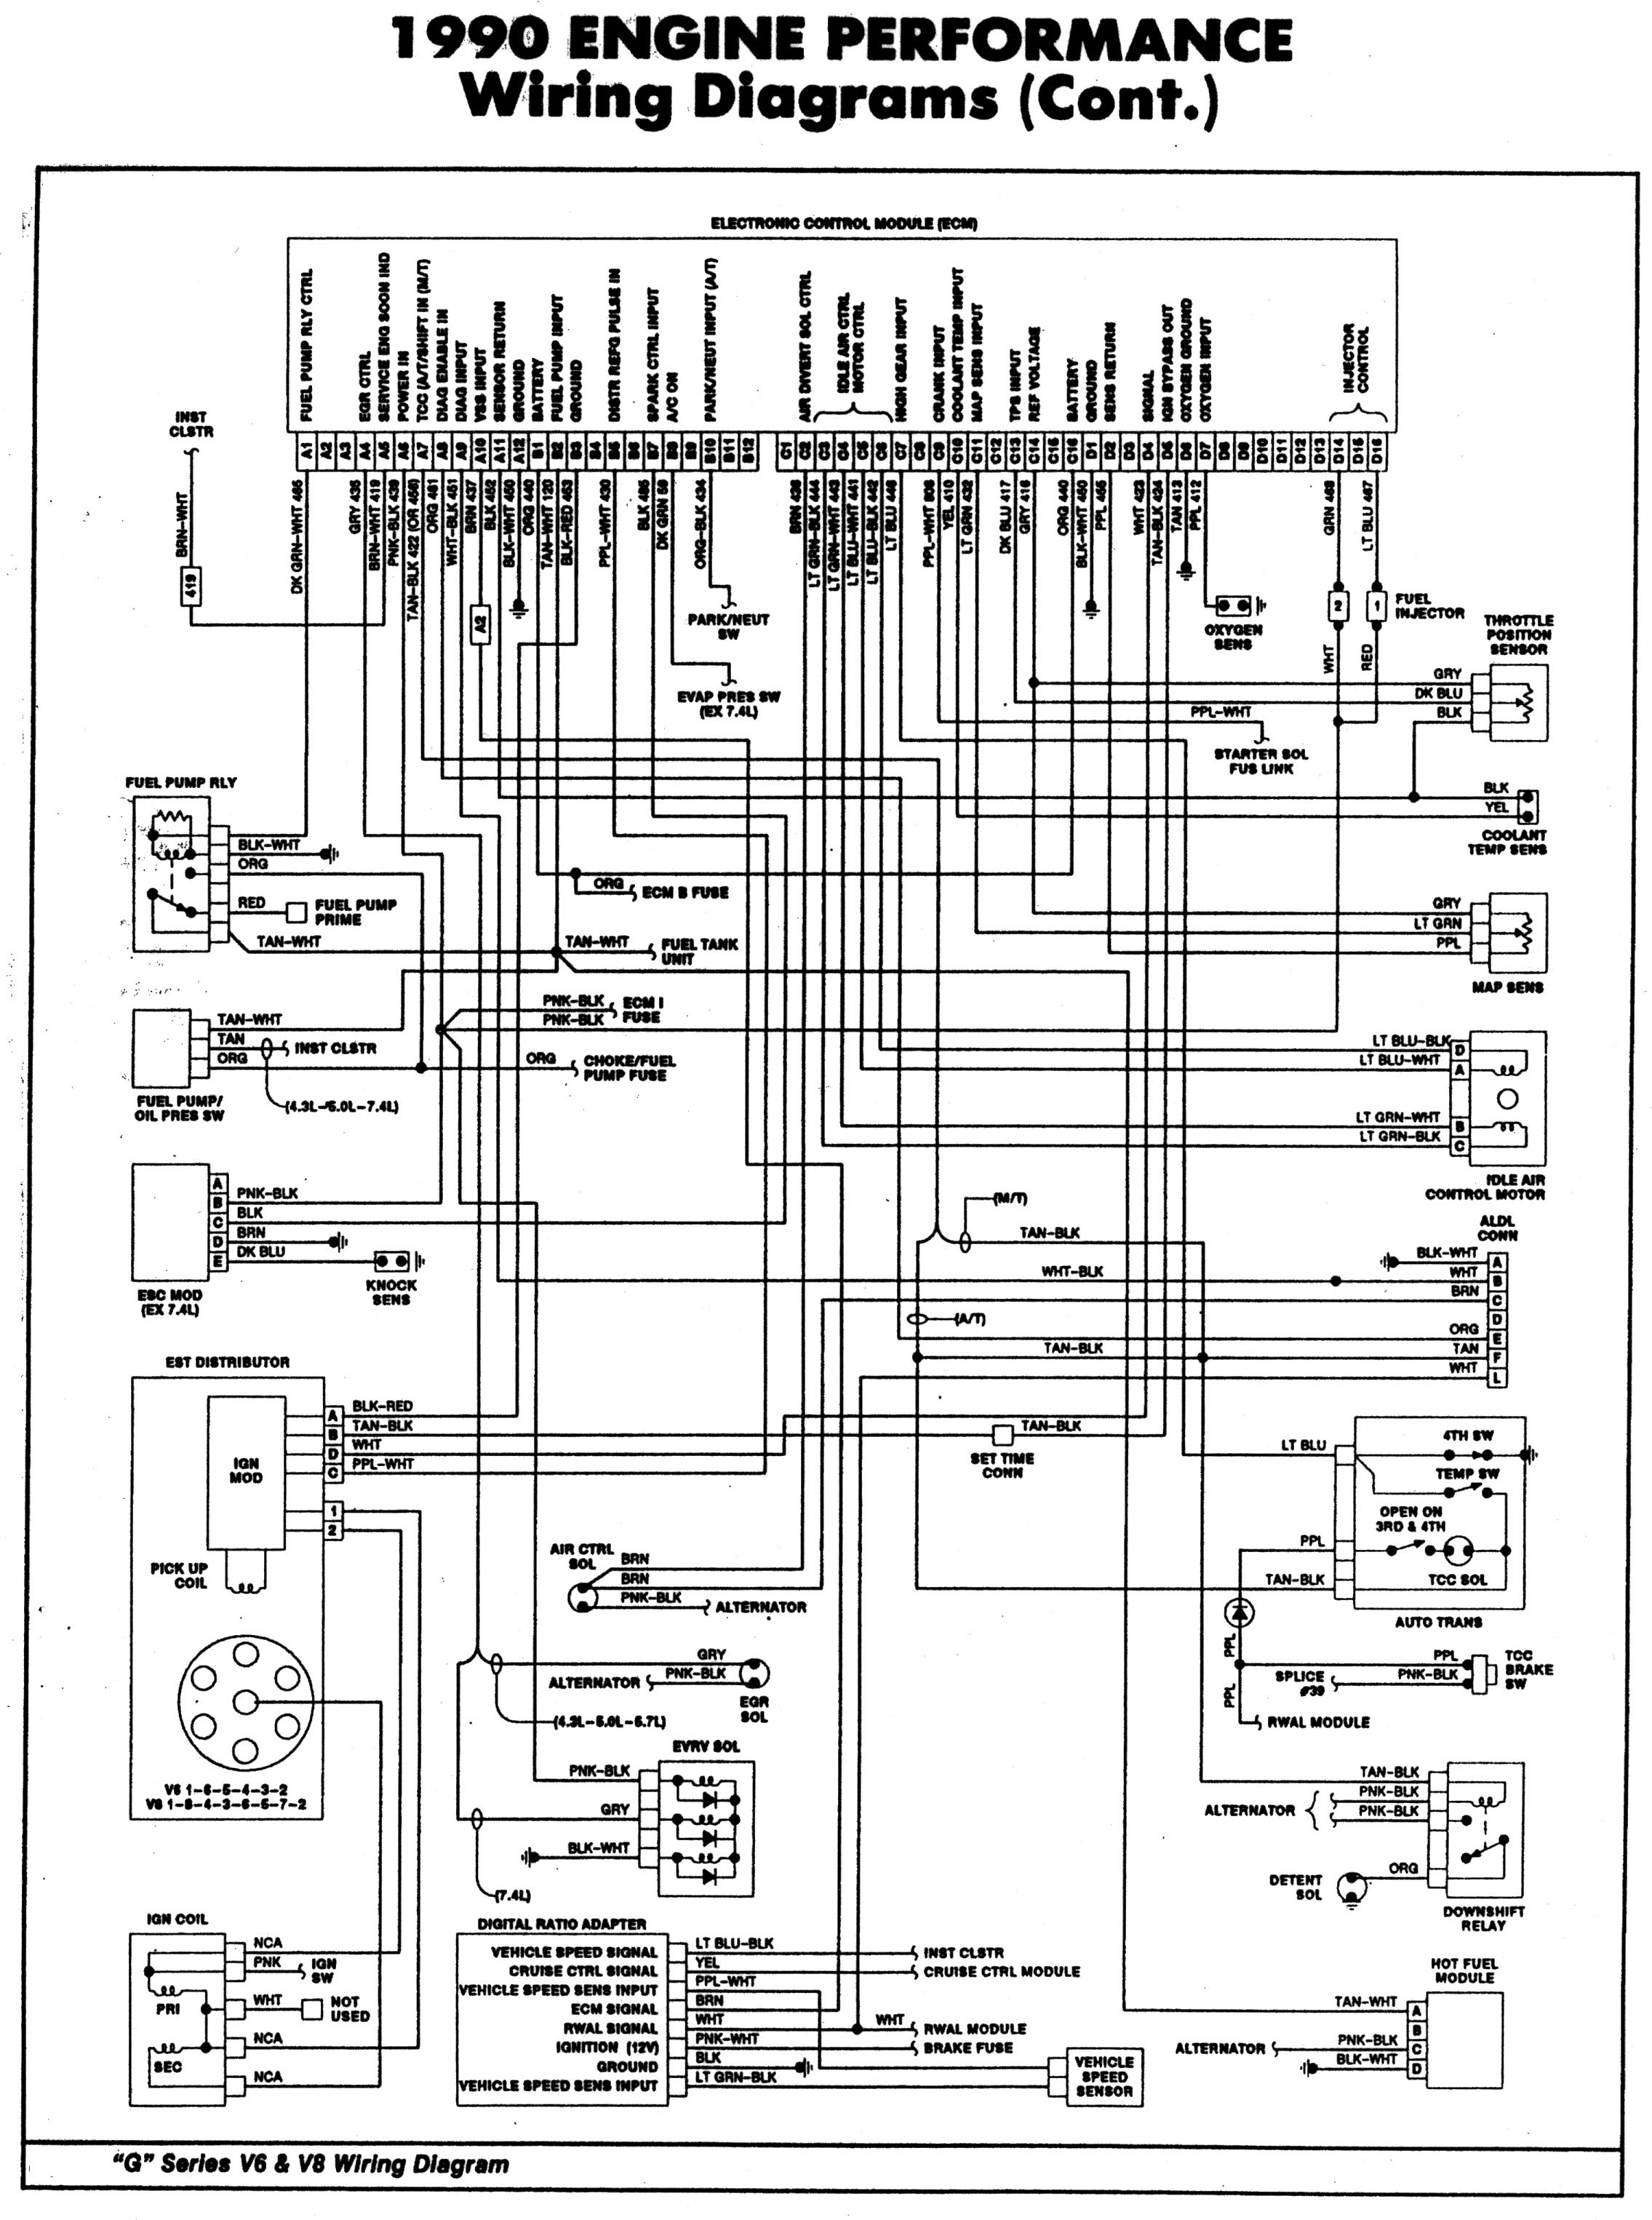 1990 Chevy Truck Ecm Wiring - Wiring Diagram Detailed - 1990 Chevy Truck Wiring Diagram